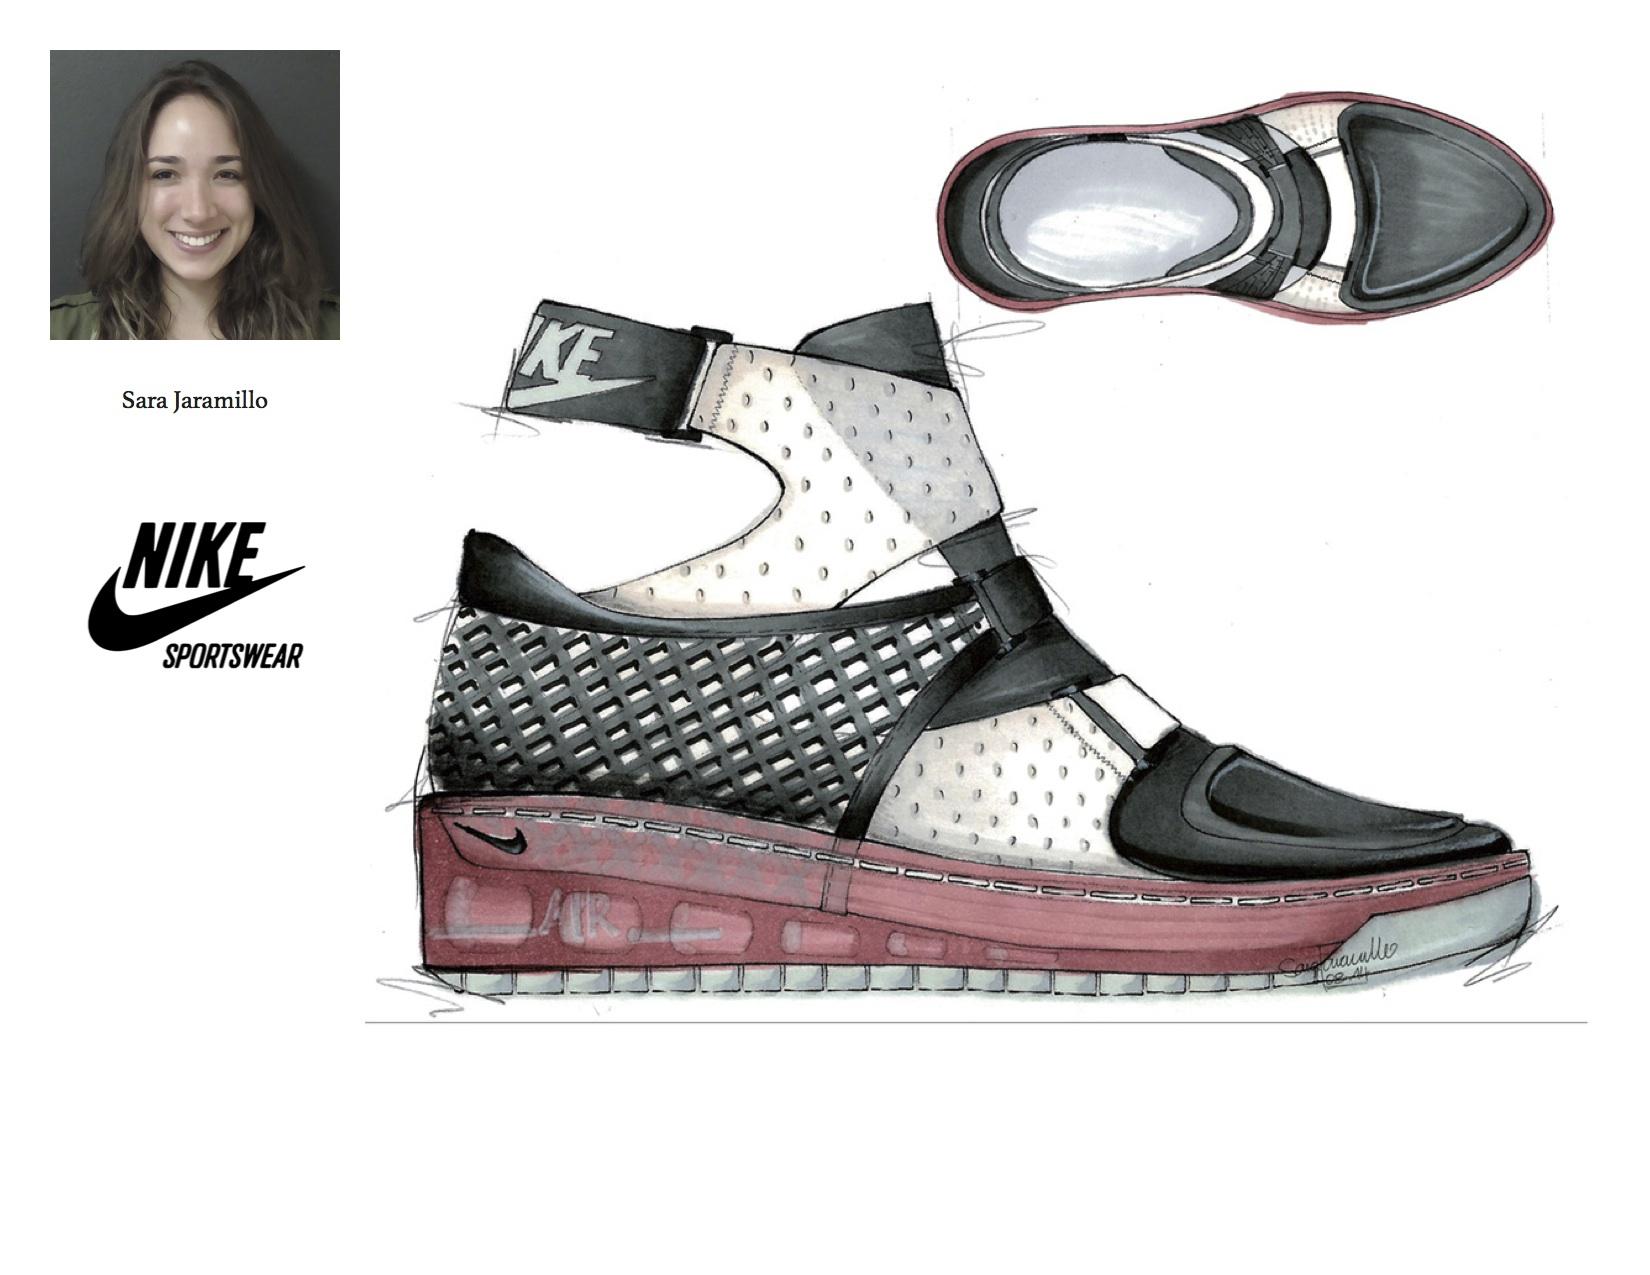 sarah-jaramillo-shoe